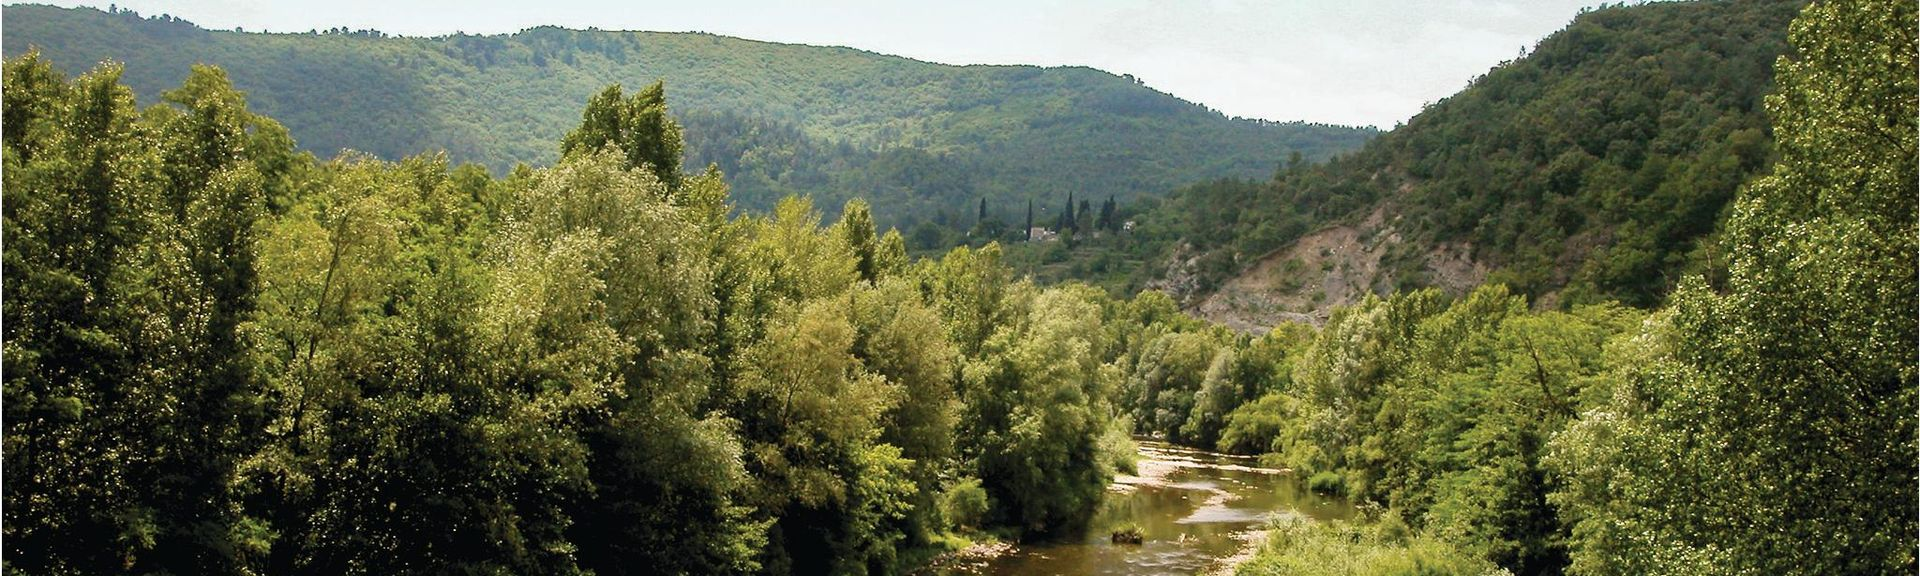 Malons-et-Elze, Gard, Frankrijk